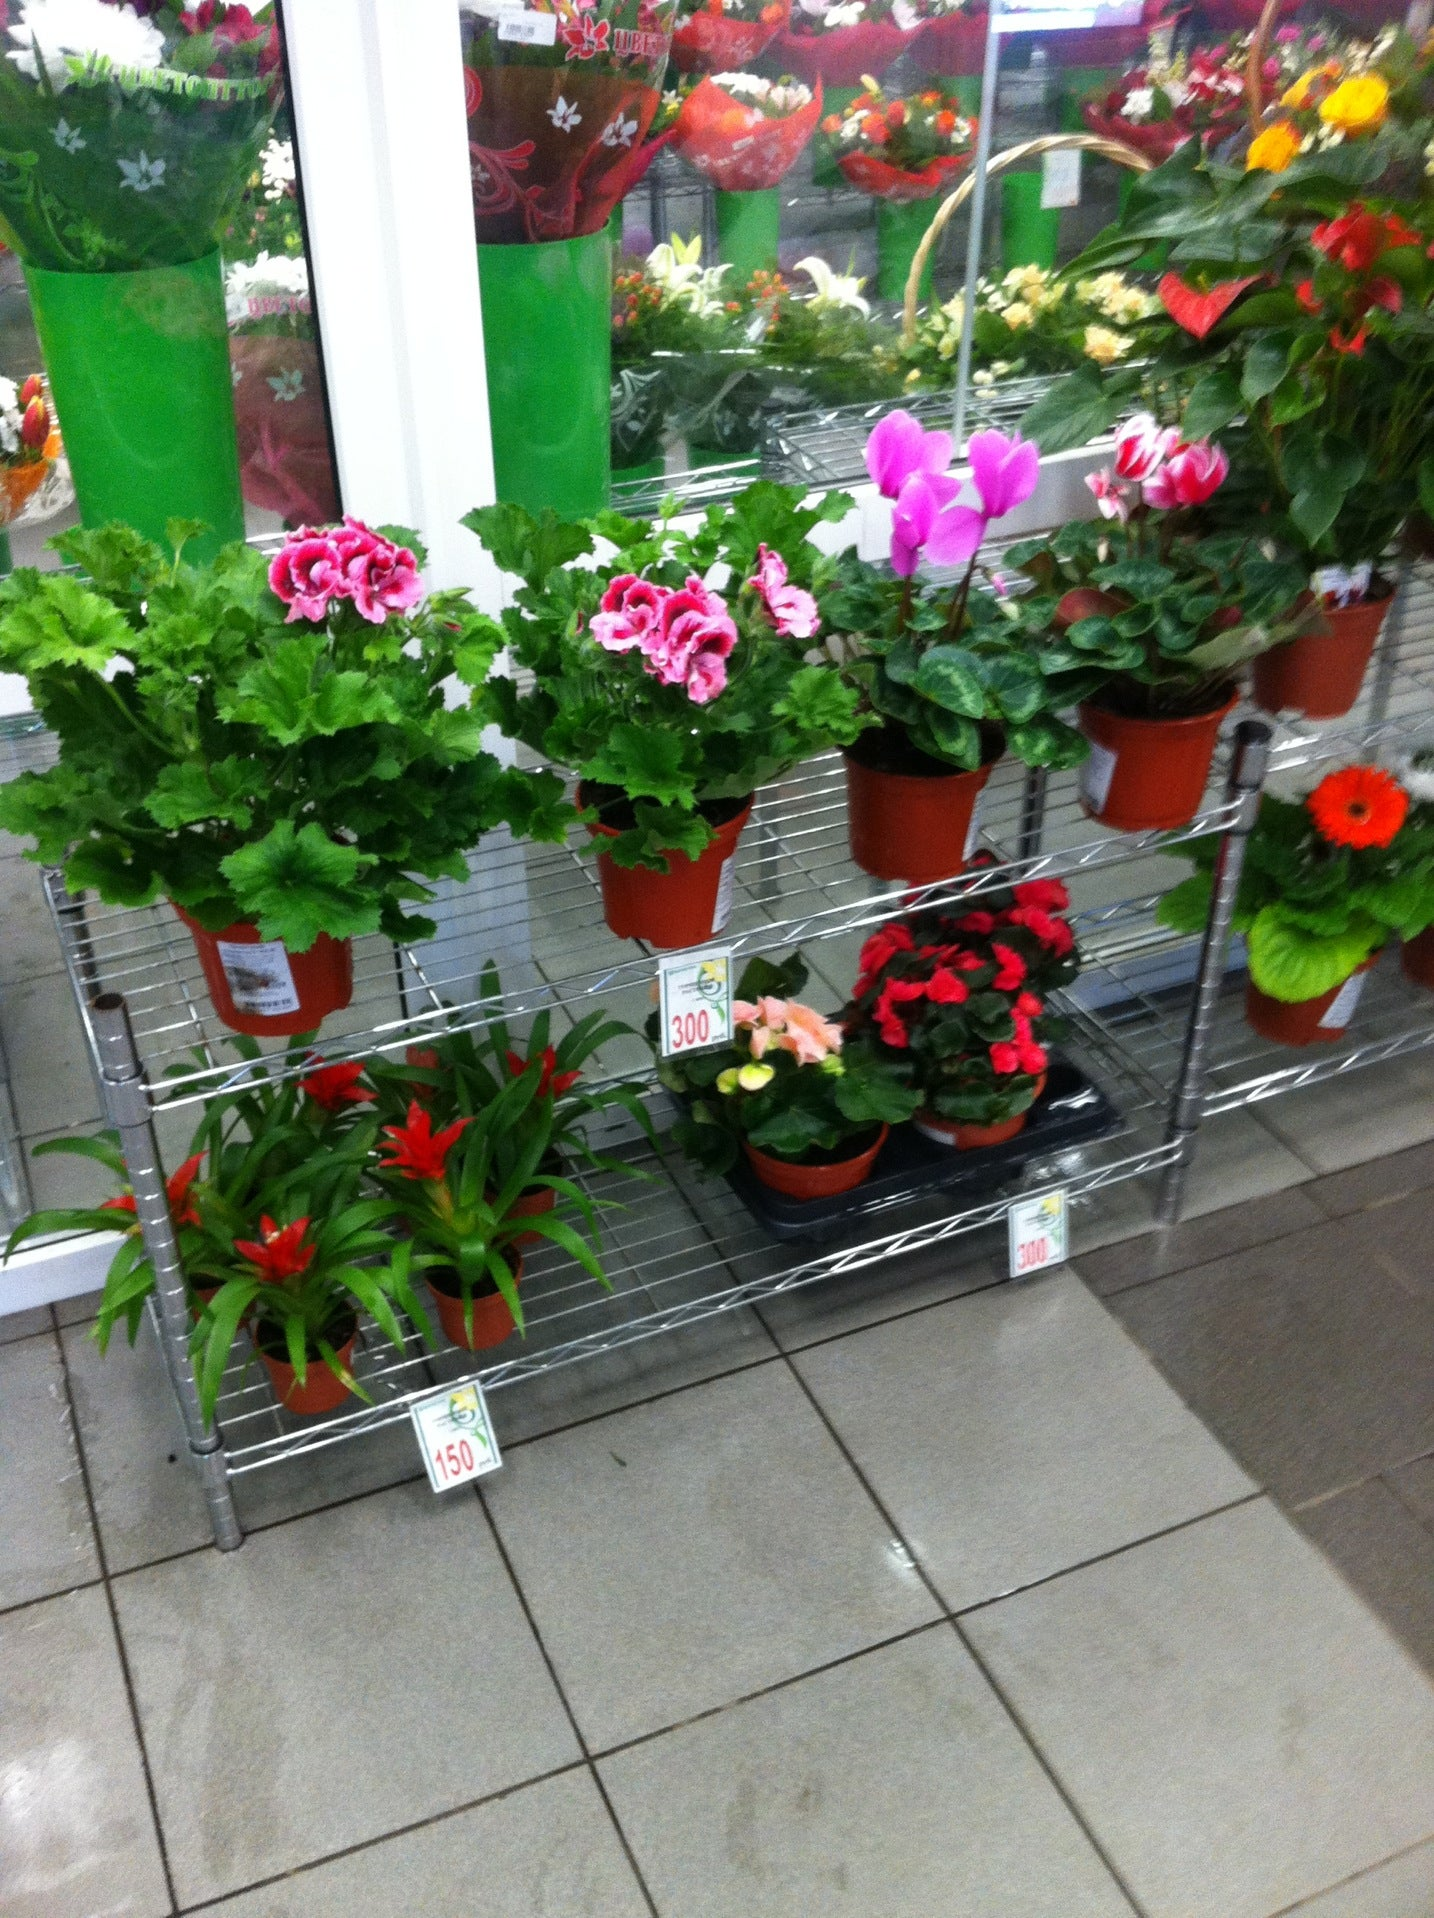 Купить цветы в цветоптторге оригинально обыграть подарок на юбилей